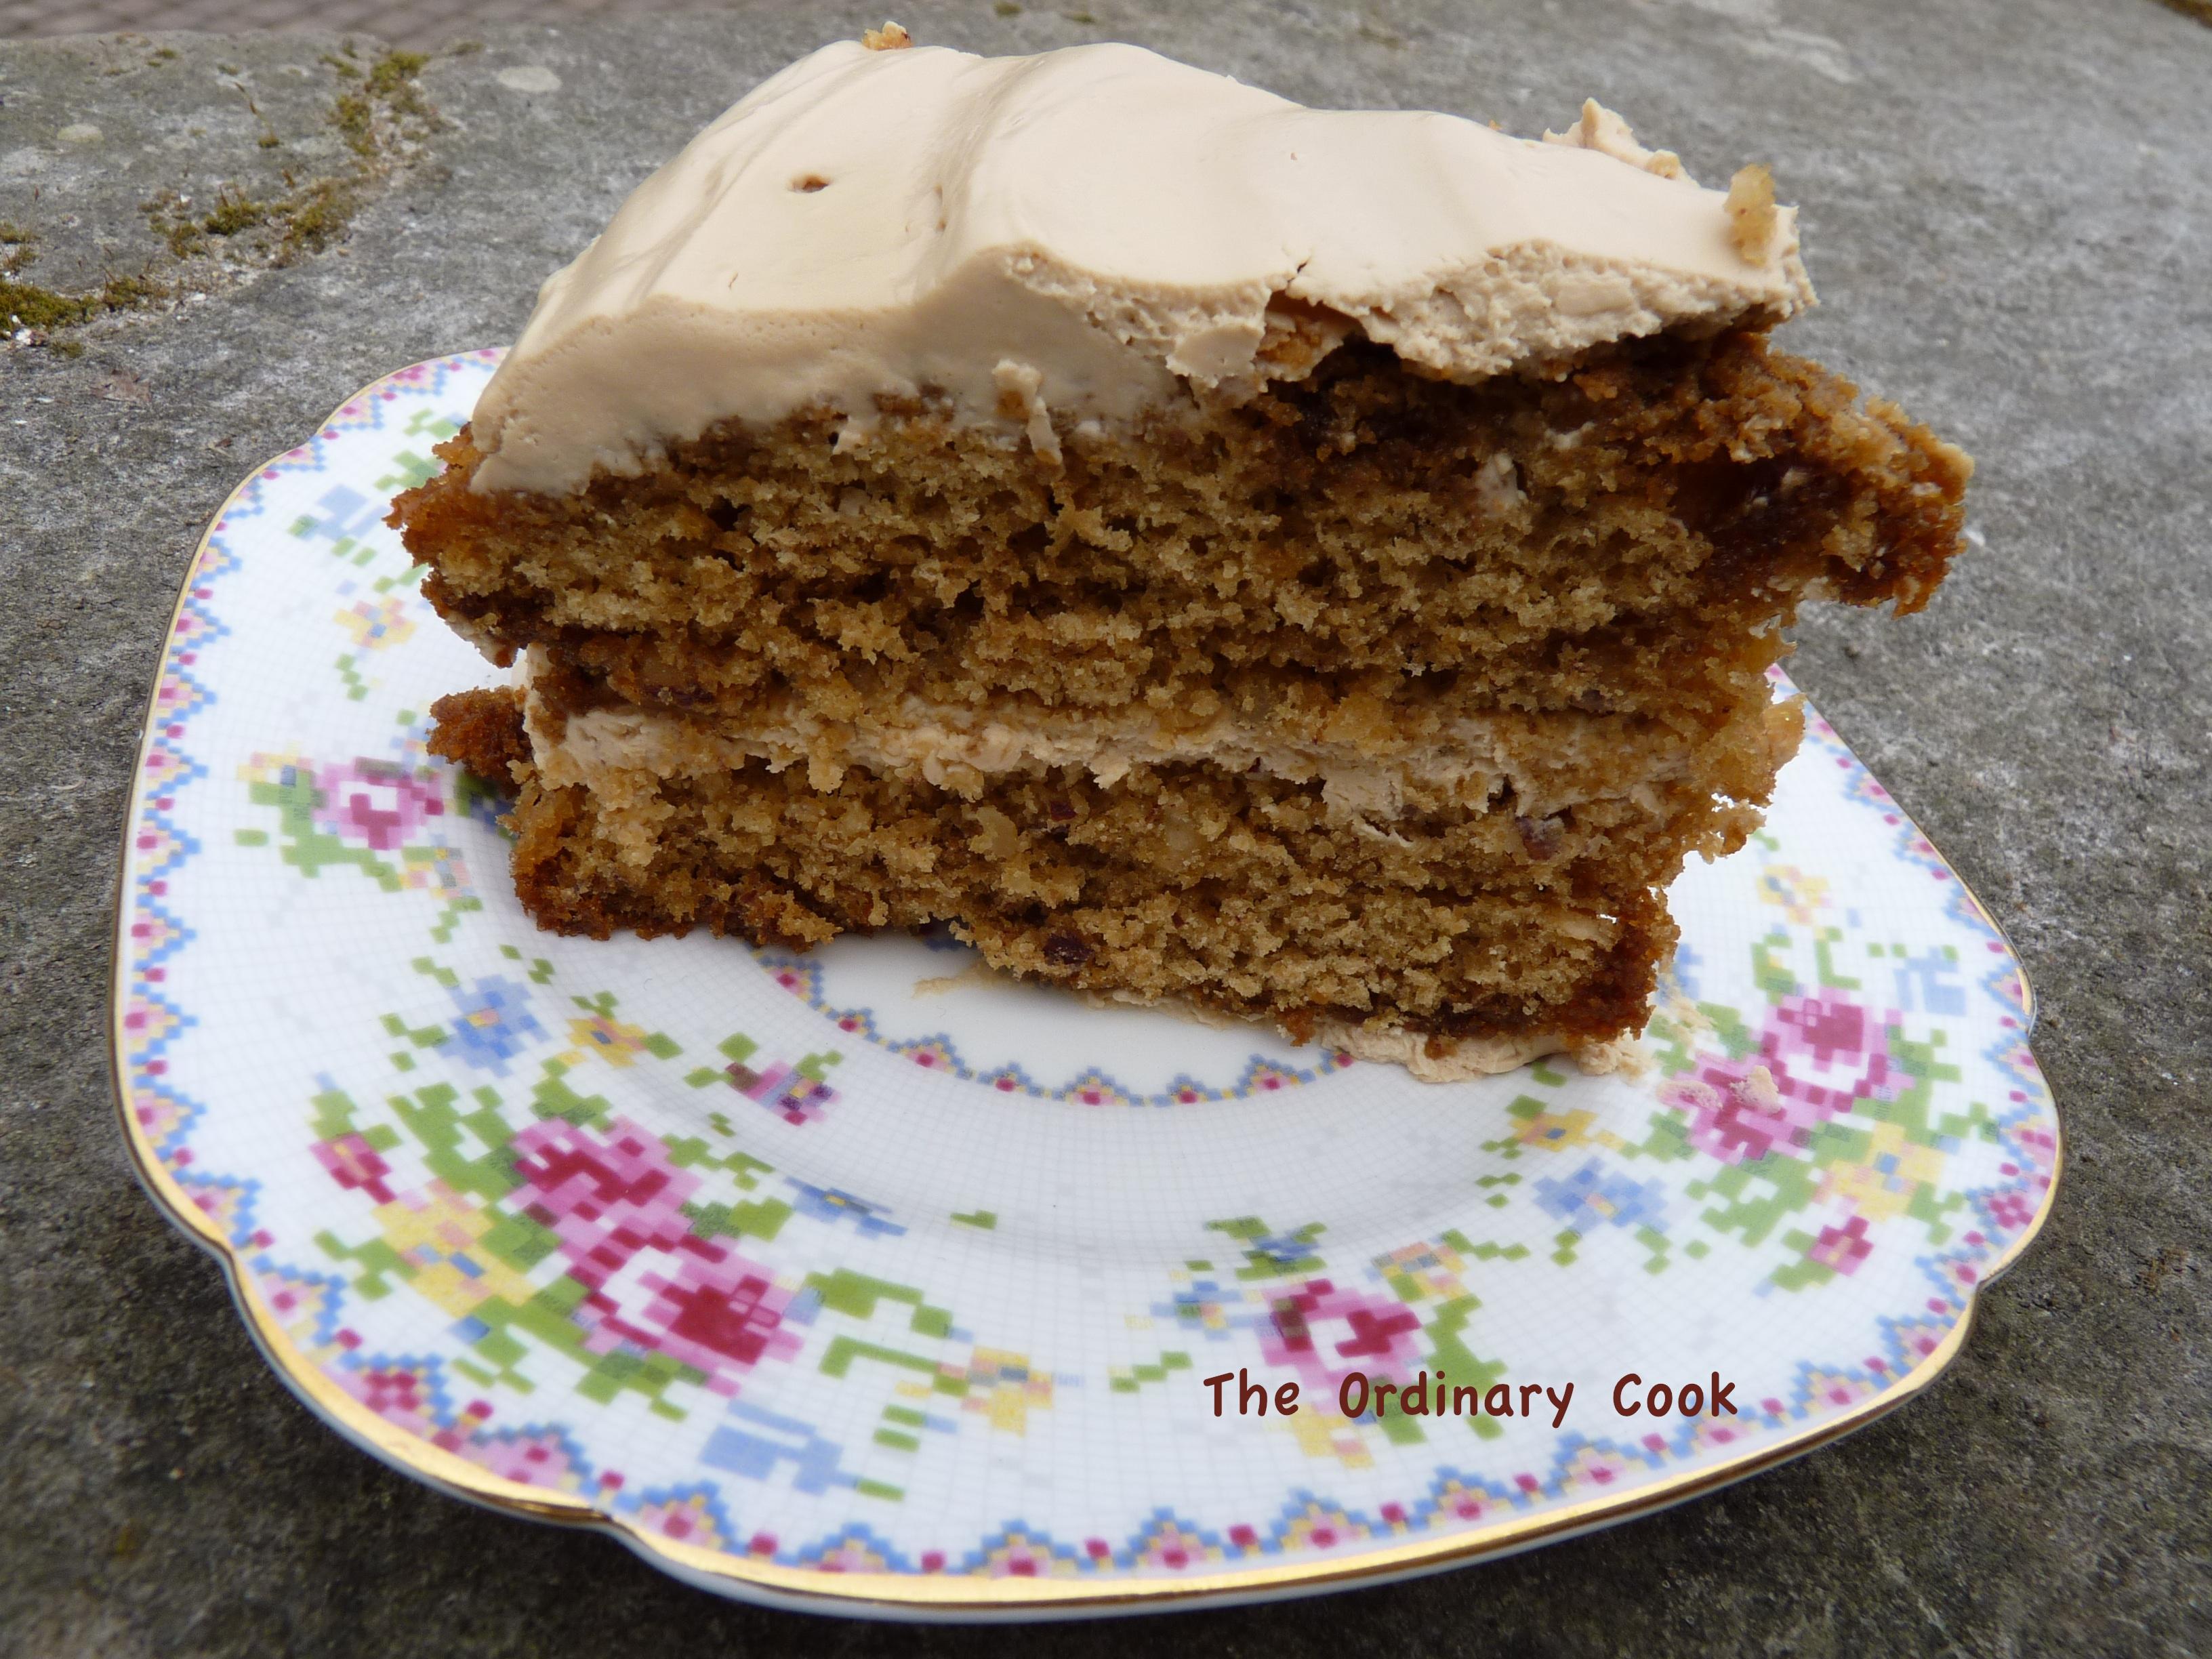 Hazelnut Cake Recipes Uk: Coffee And Hazelnut Cake